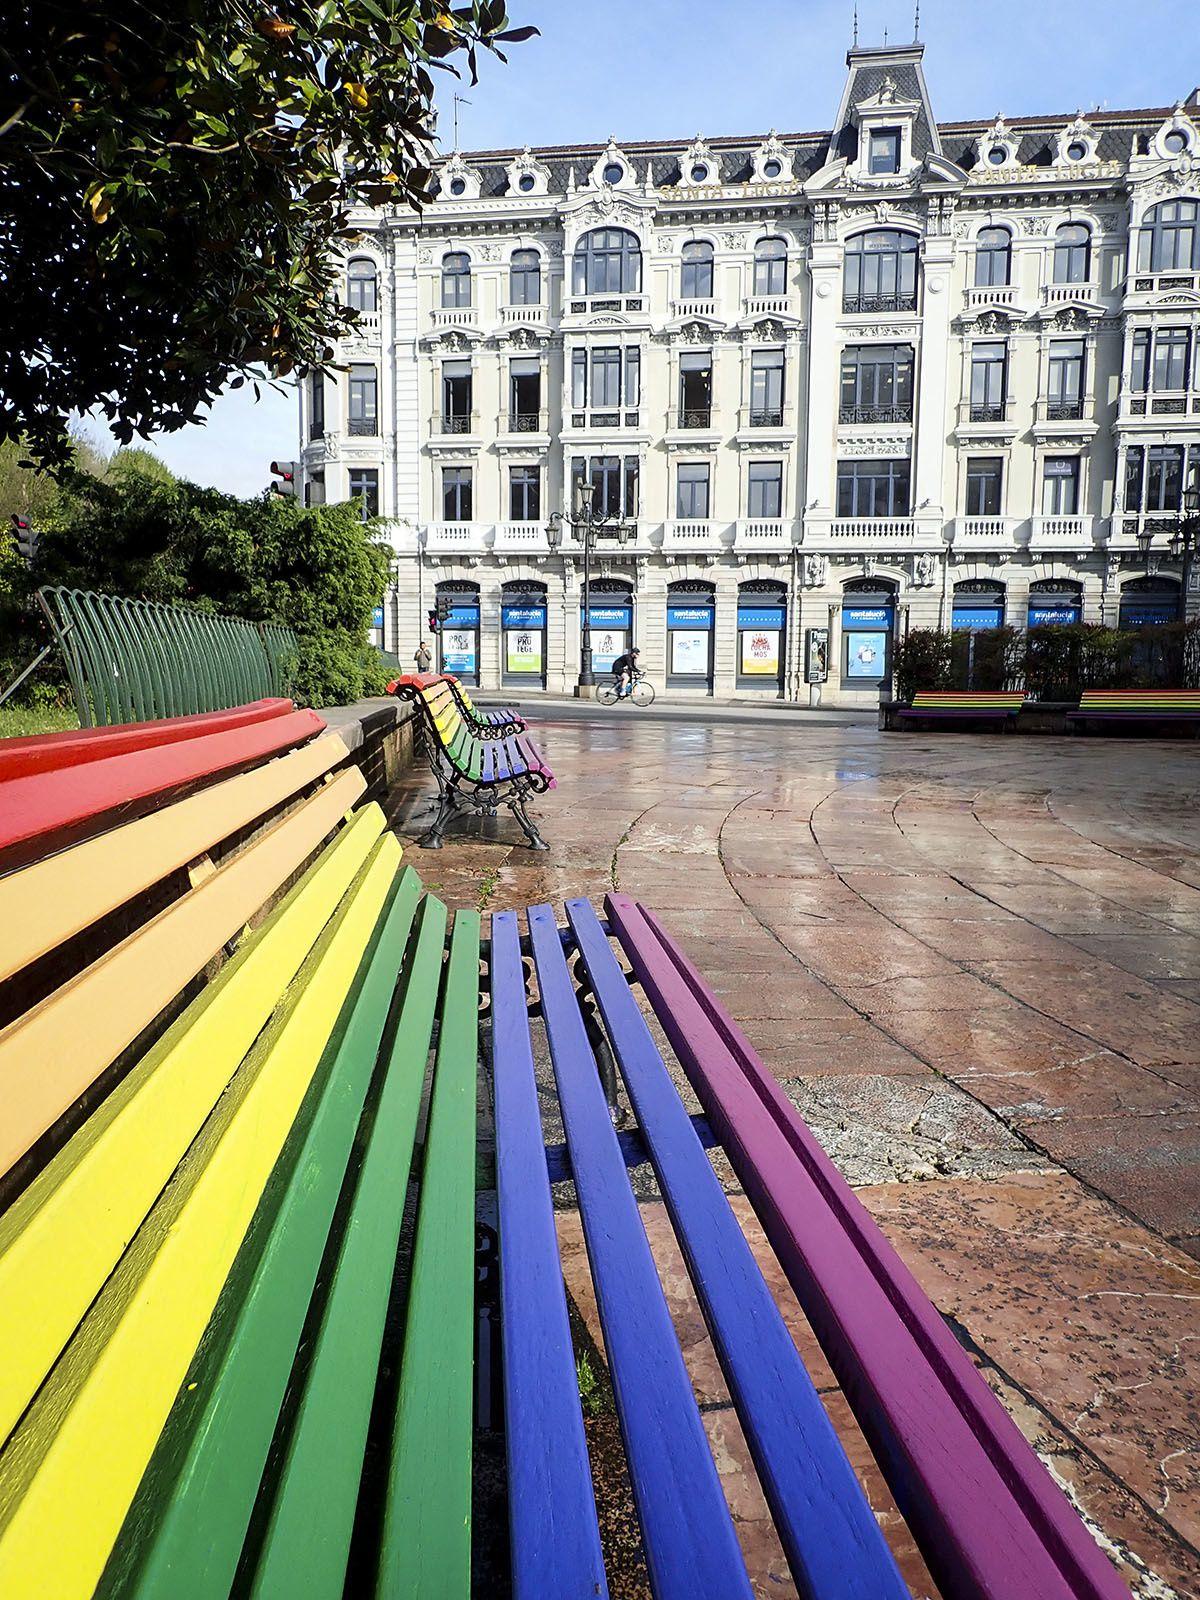 Une ville d'art aussi, Oviedo. Quelques personnages croisés dans les rues et parcs (Mafalda, Woody Alen) et des couleurs